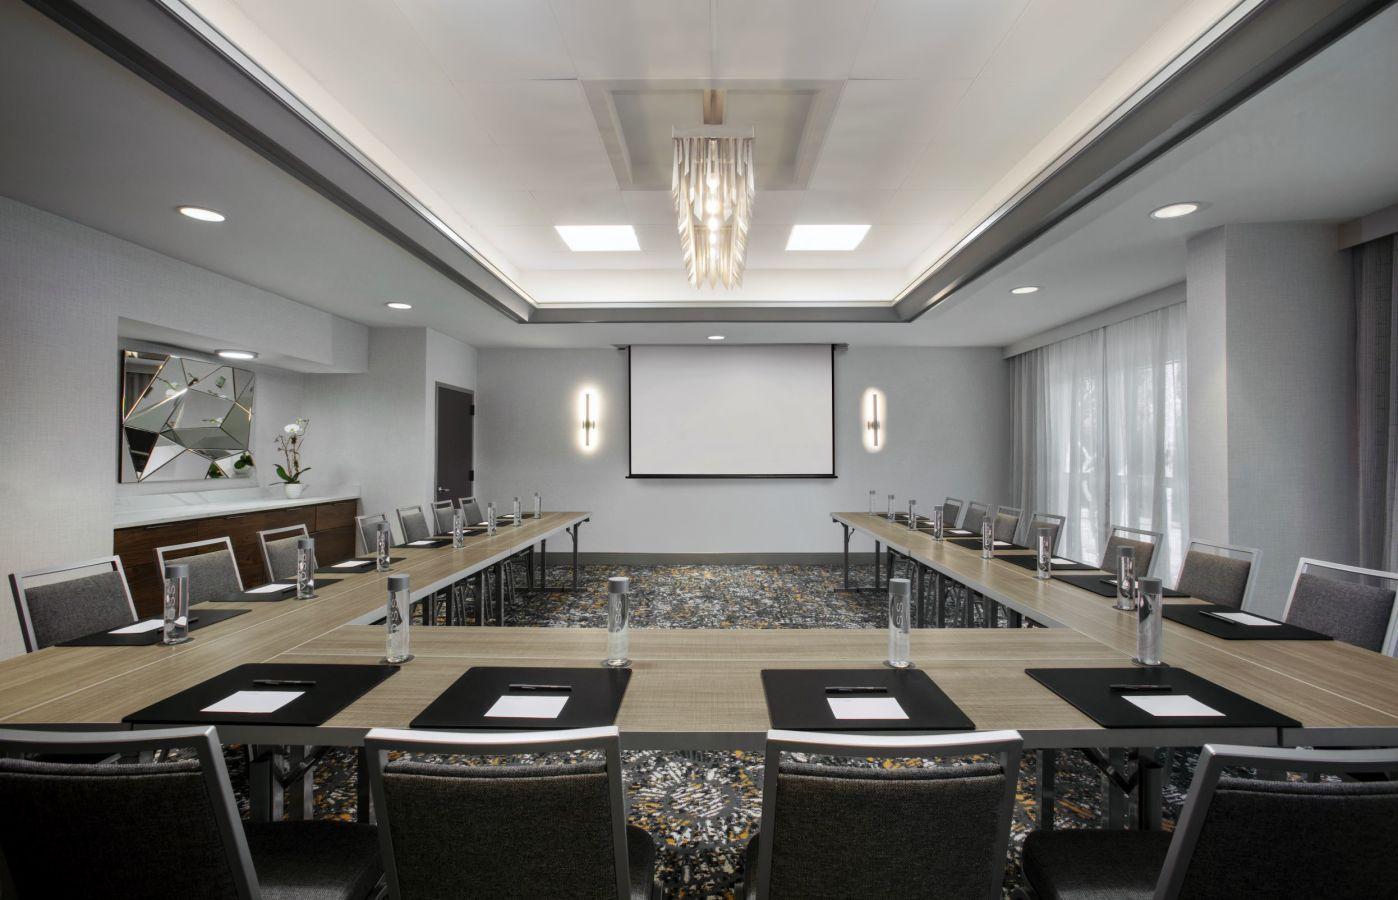 Meeting Room-U Shape